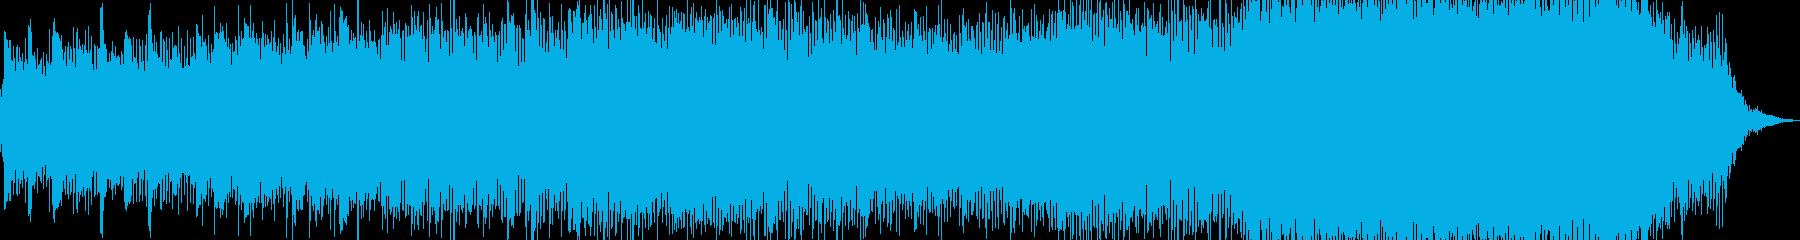 怪しい雰囲気のギターサウンドの再生済みの波形